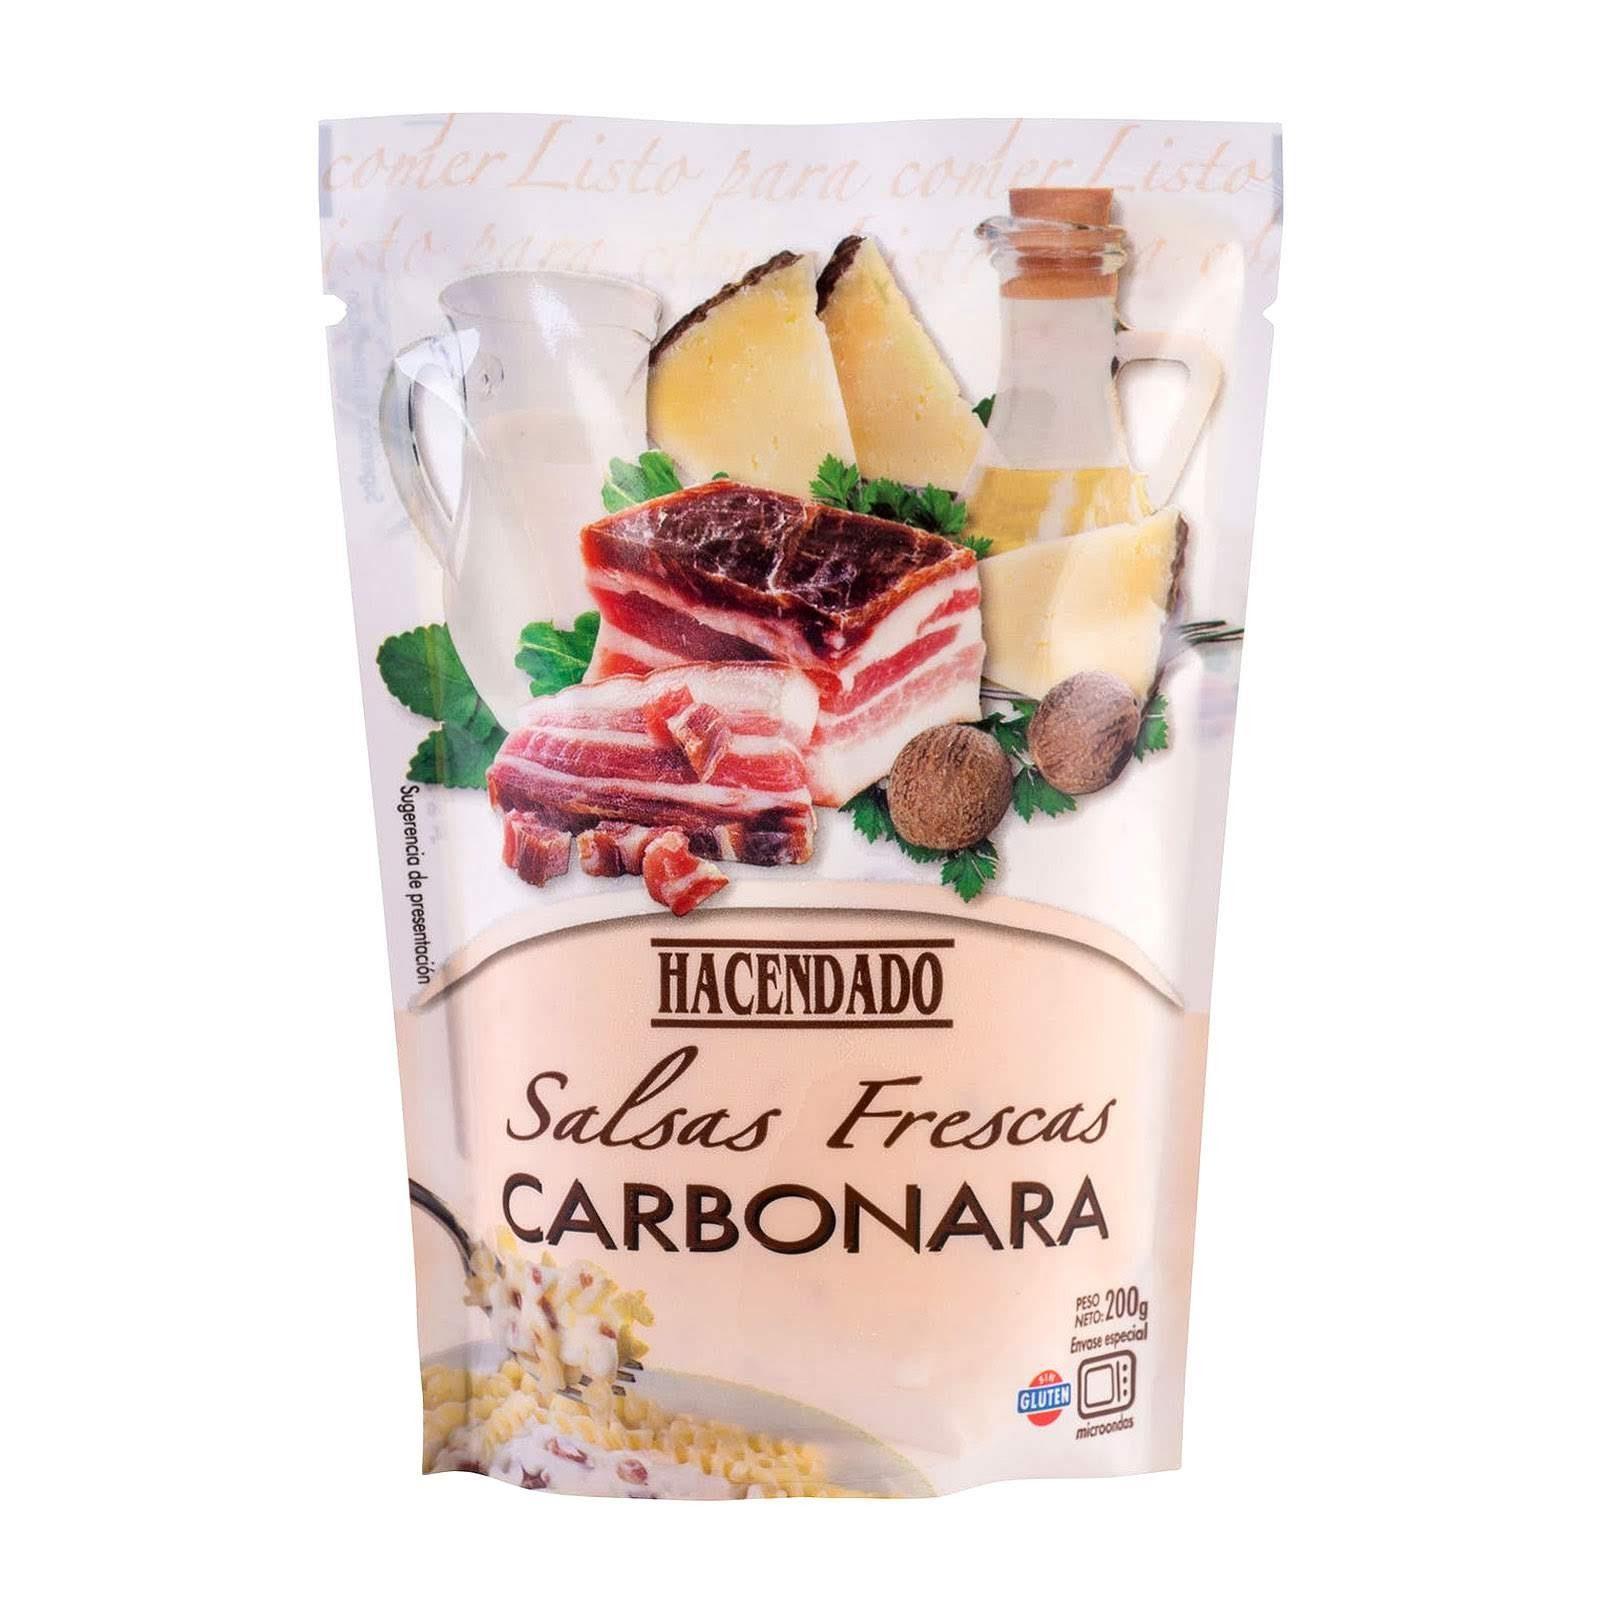 salsa-fresca-carbonara-hacendado-mercadona-1-2270687